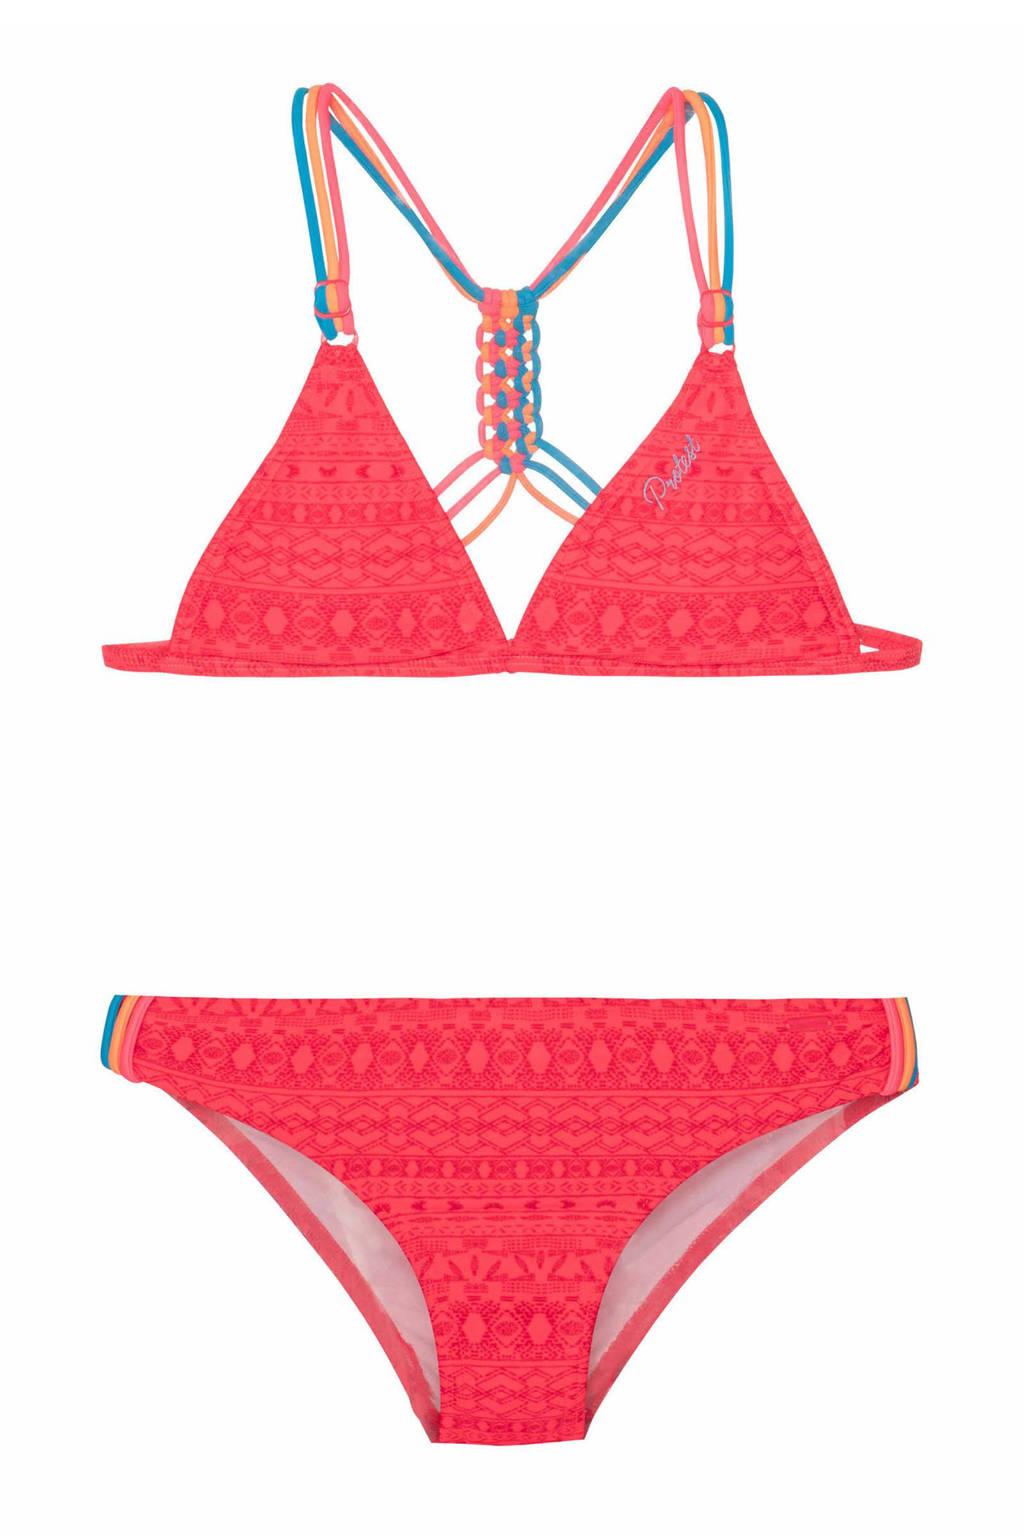 Protest triangel bikini Fimke roze, Grenadine